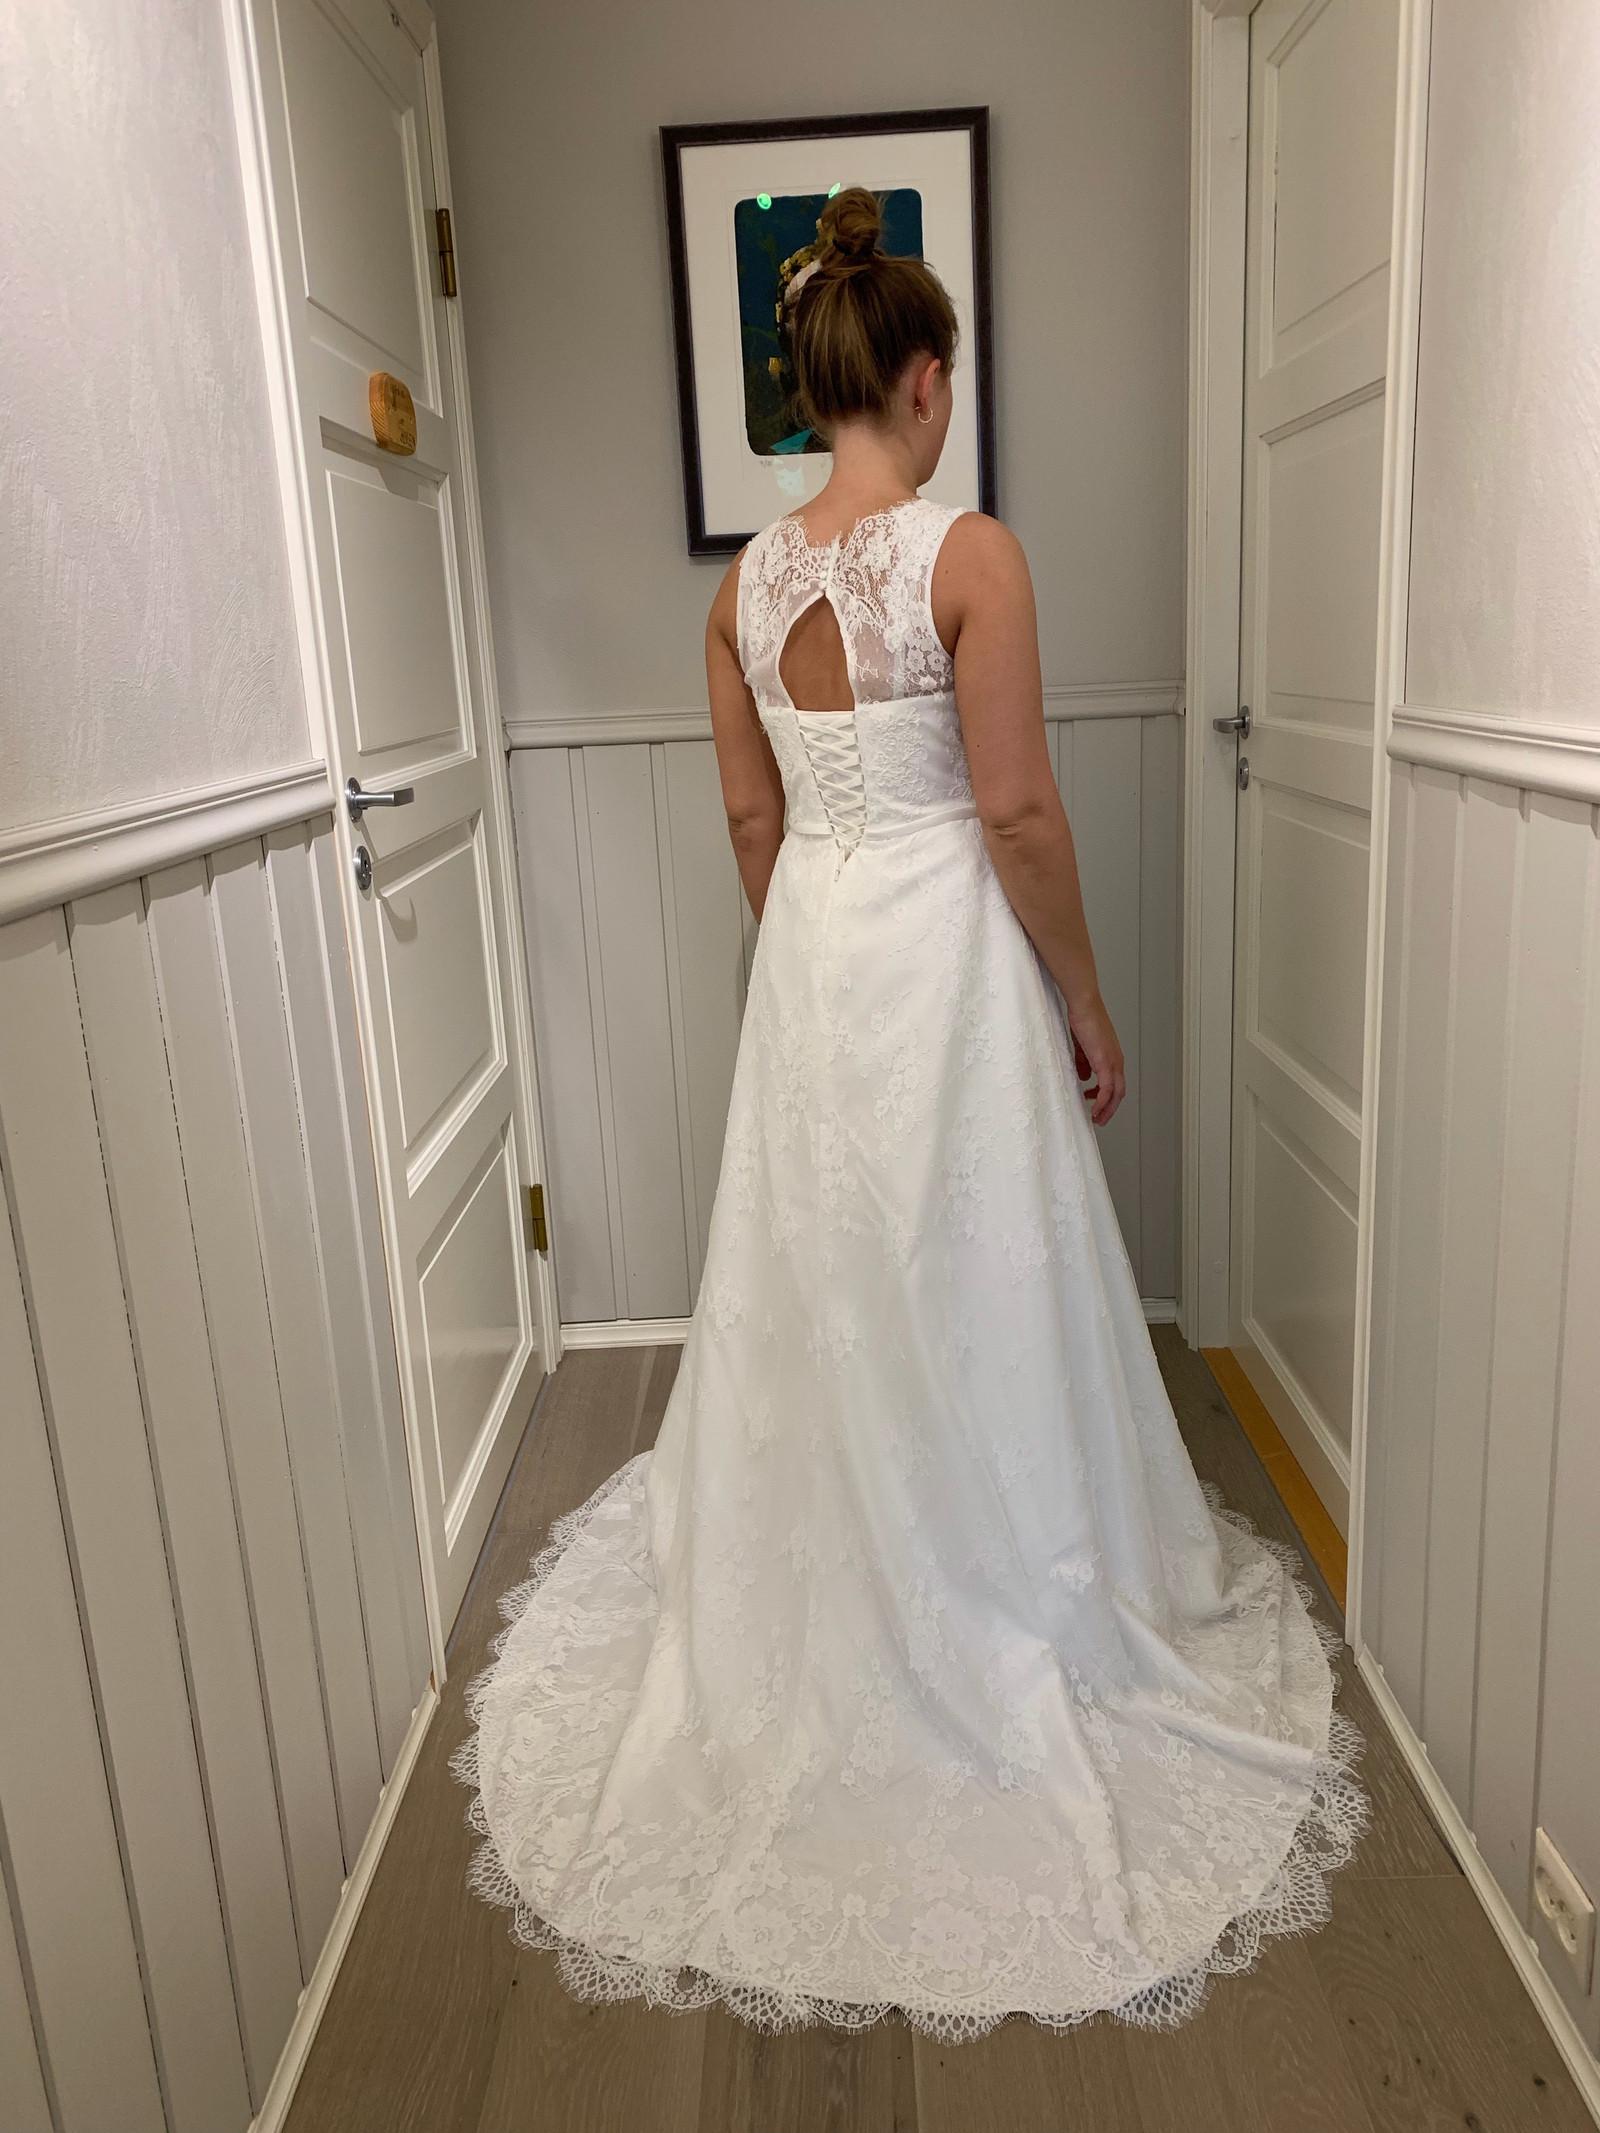 79997f09 NY, UBRUKT brudekjole og brudepikekjoler med alt tilbehør | FINN.no